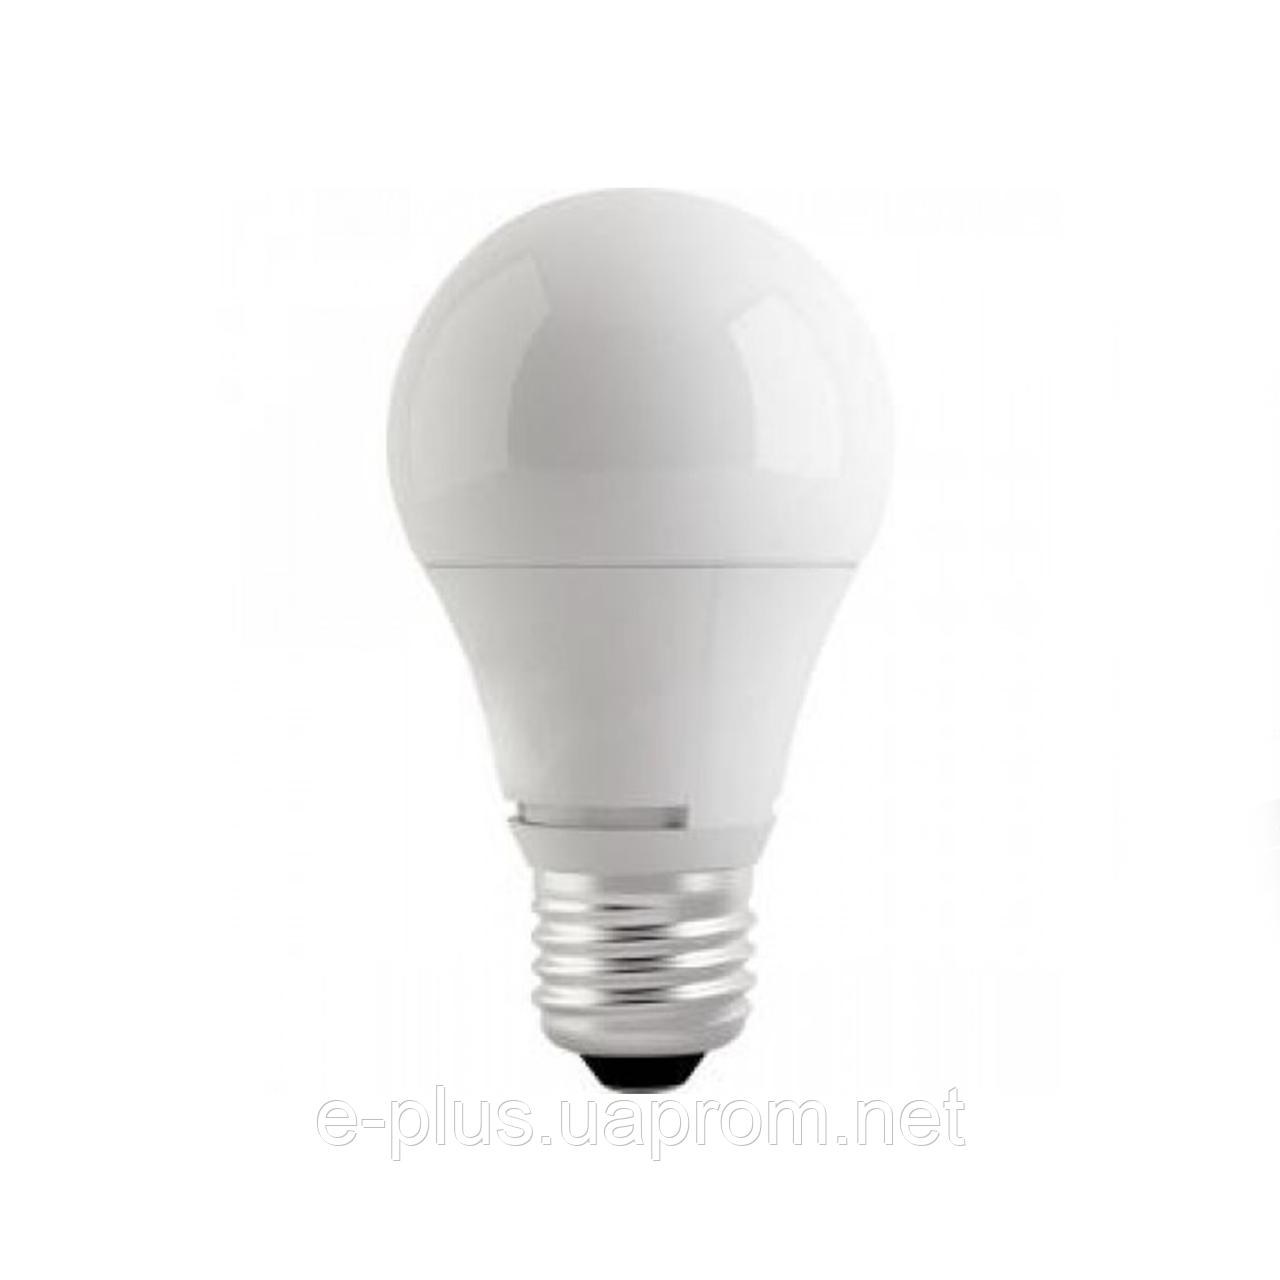 Светодиодная лампа Feron  А60 15Вт Е27 4000К LB715